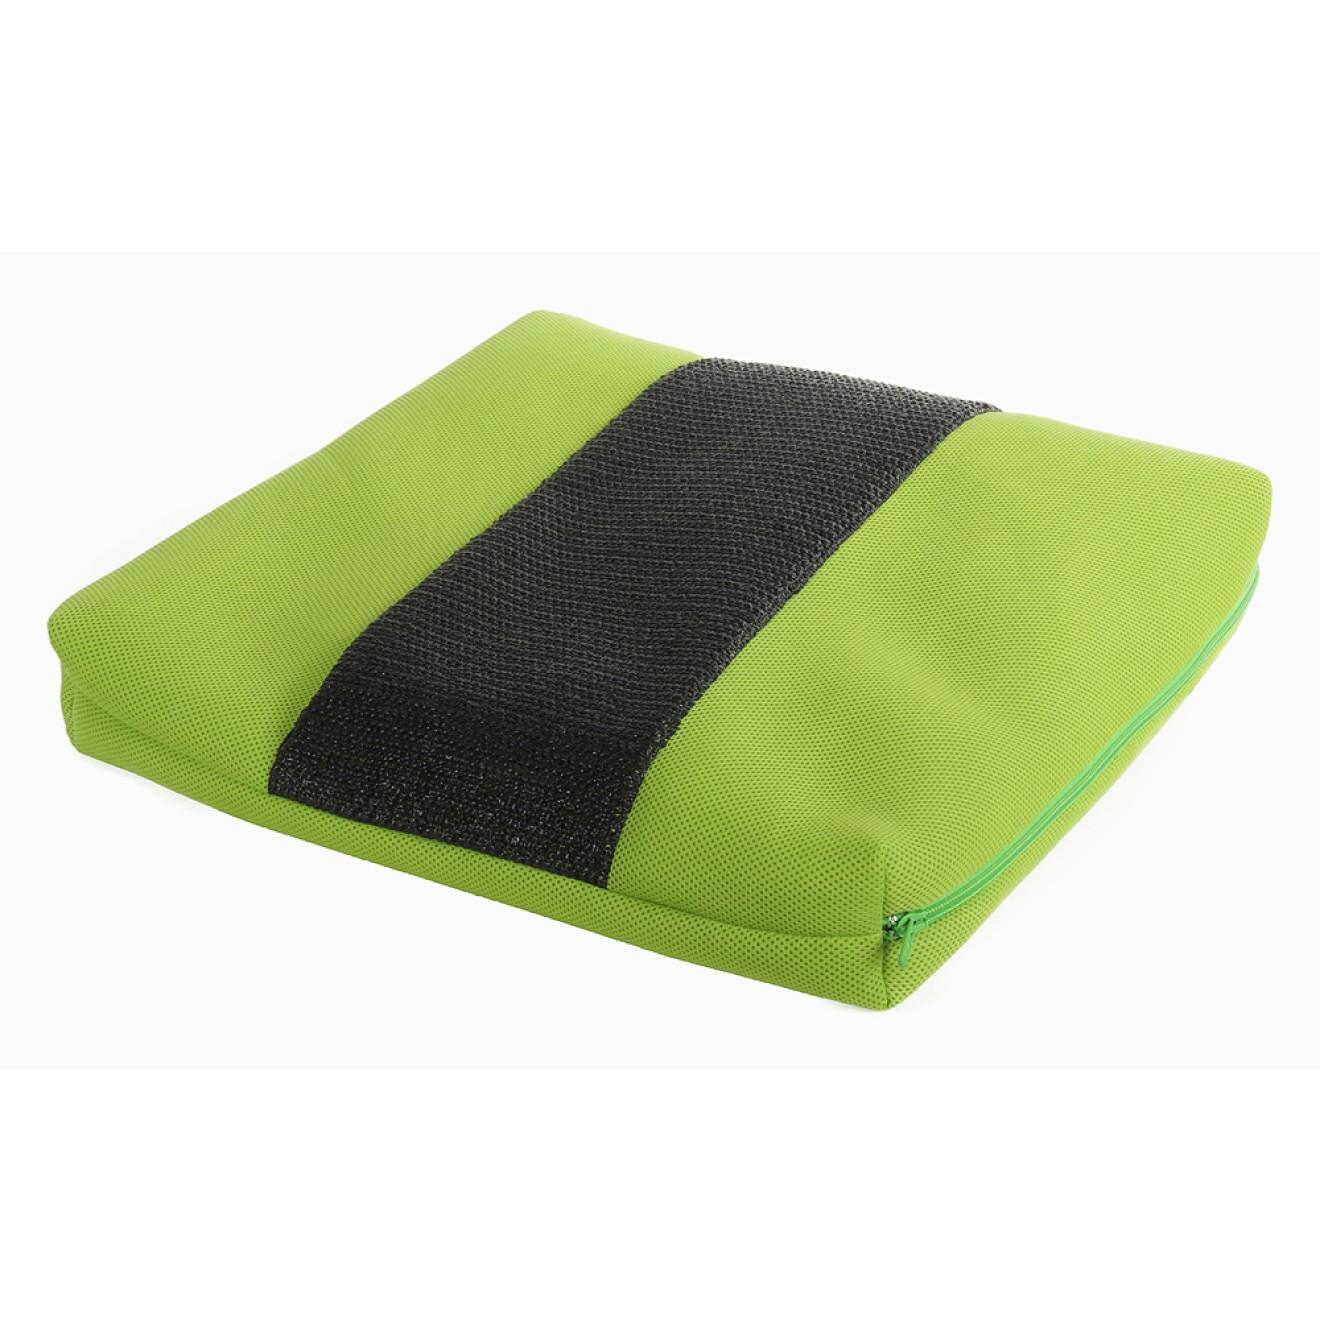 sitzkissen f r rollstuhl mit dinkel spelzen f llung und klimafunktion kein verr. Black Bedroom Furniture Sets. Home Design Ideas